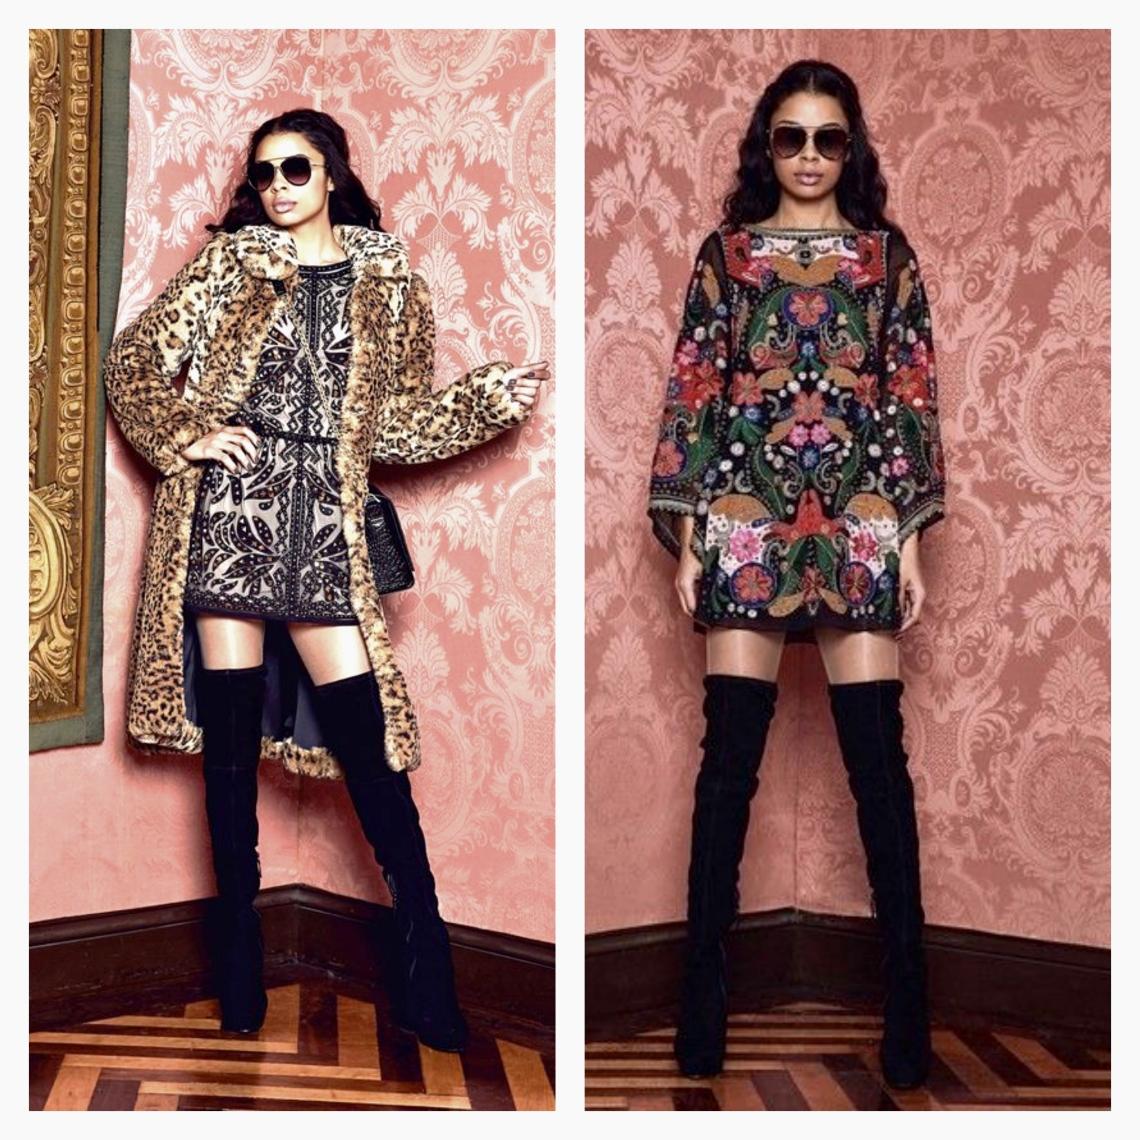 Collage_Fotorksj_Fotor.jpg